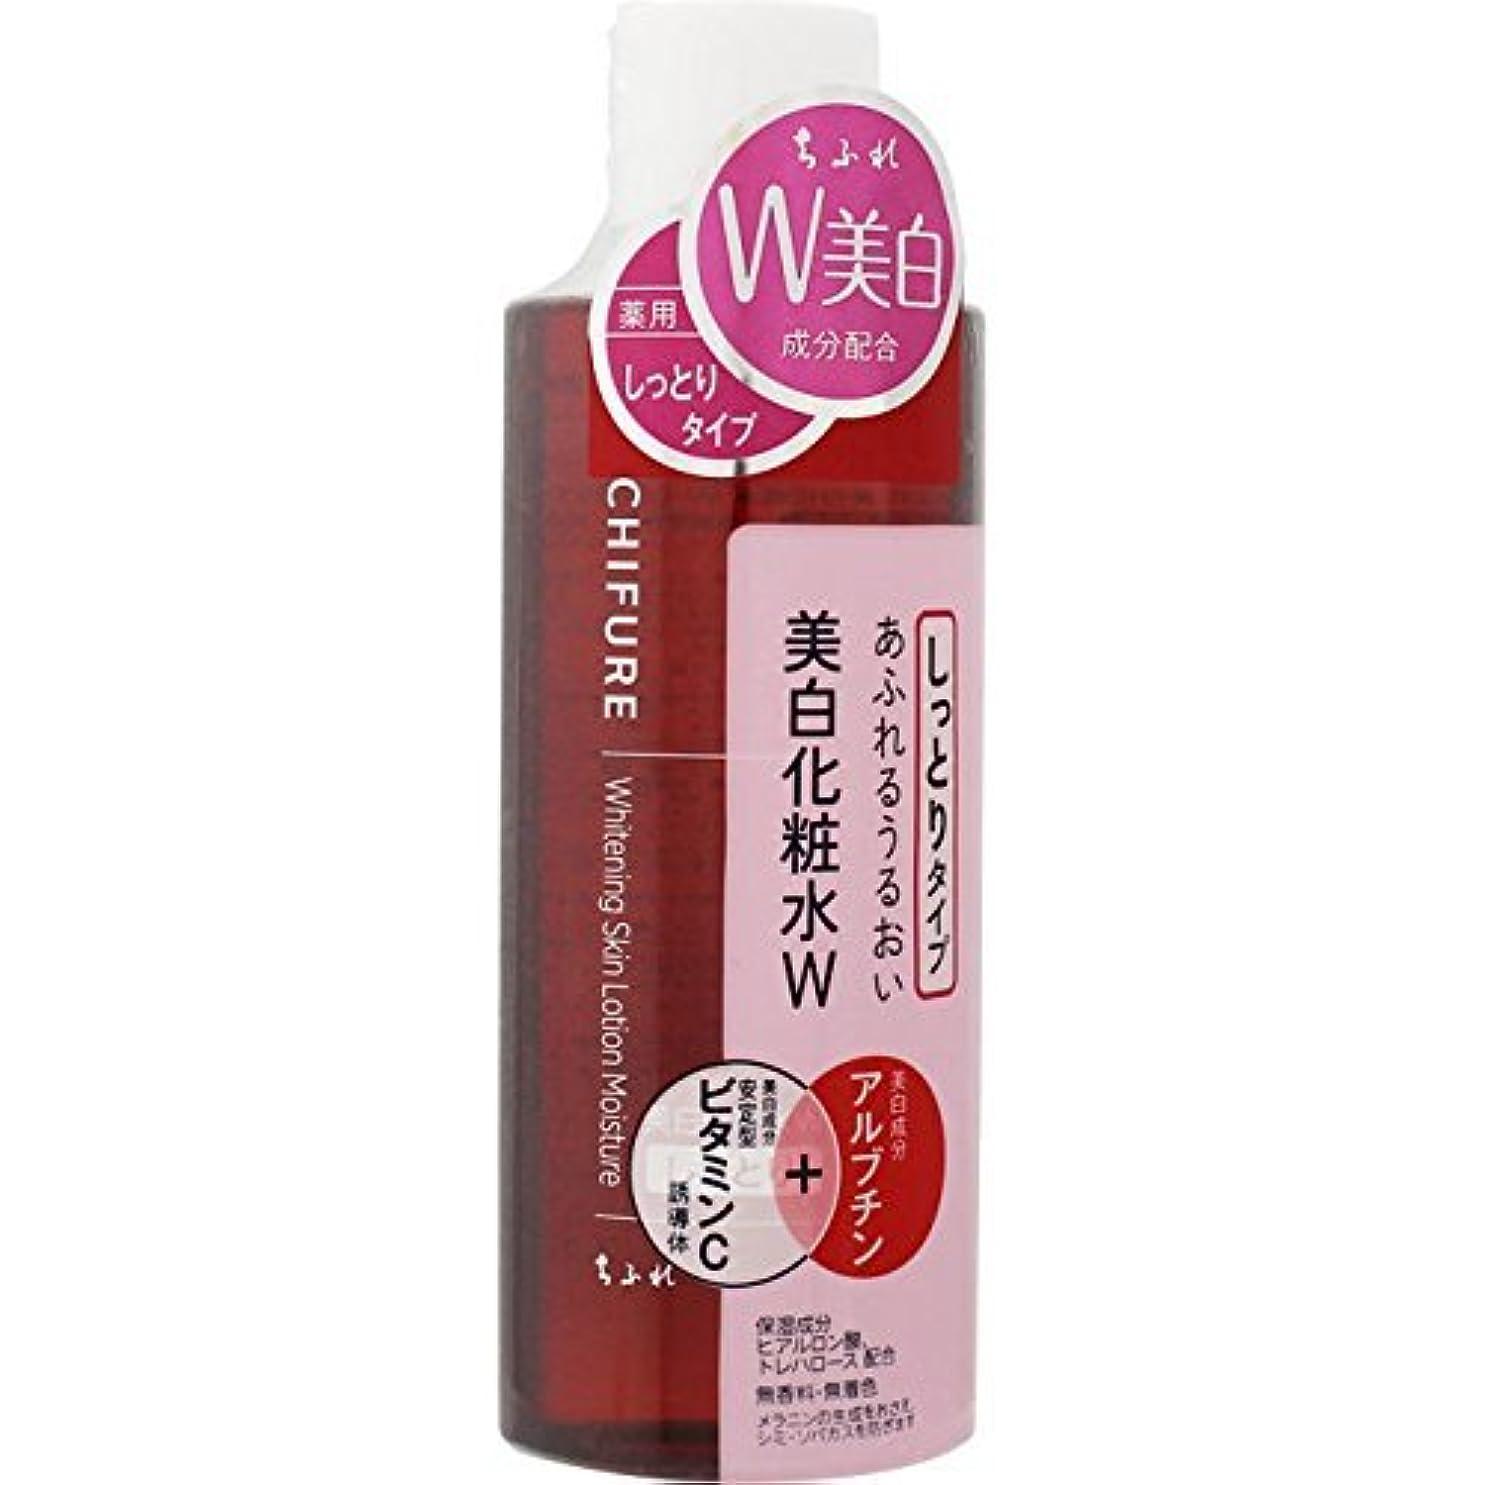 吸い込むフォーク相談するちふれ化粧品 美白化粧水W しっとりタイプ 180ml